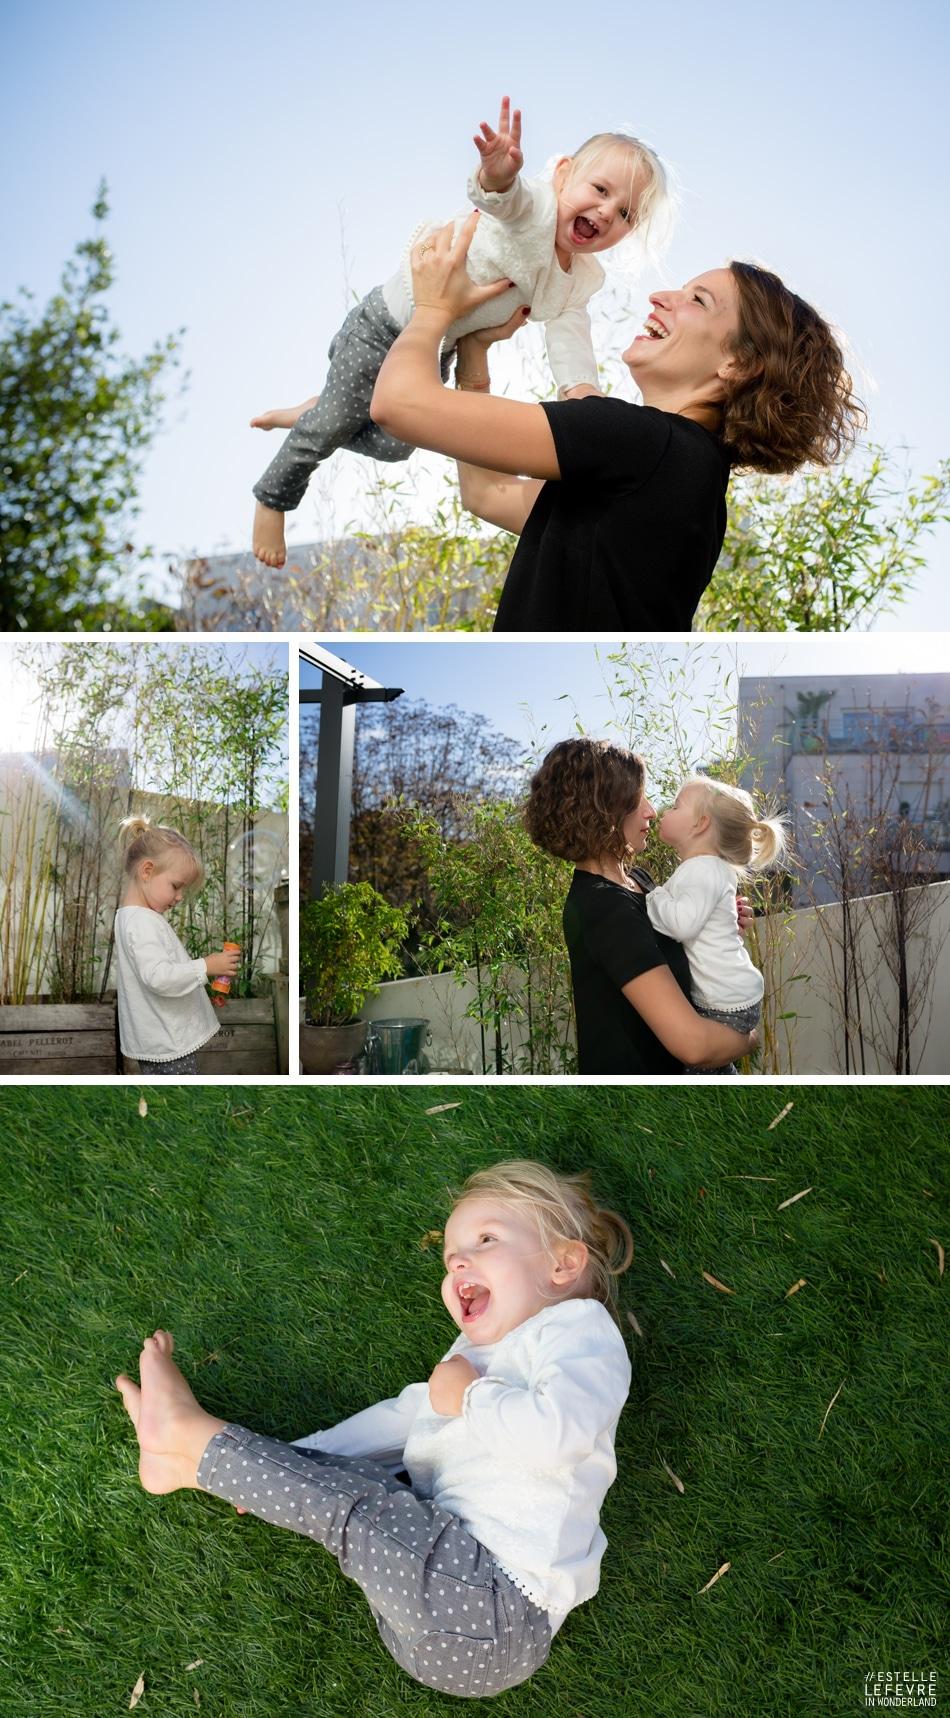 Séance photo de famille mère fille à domicile à Asnières